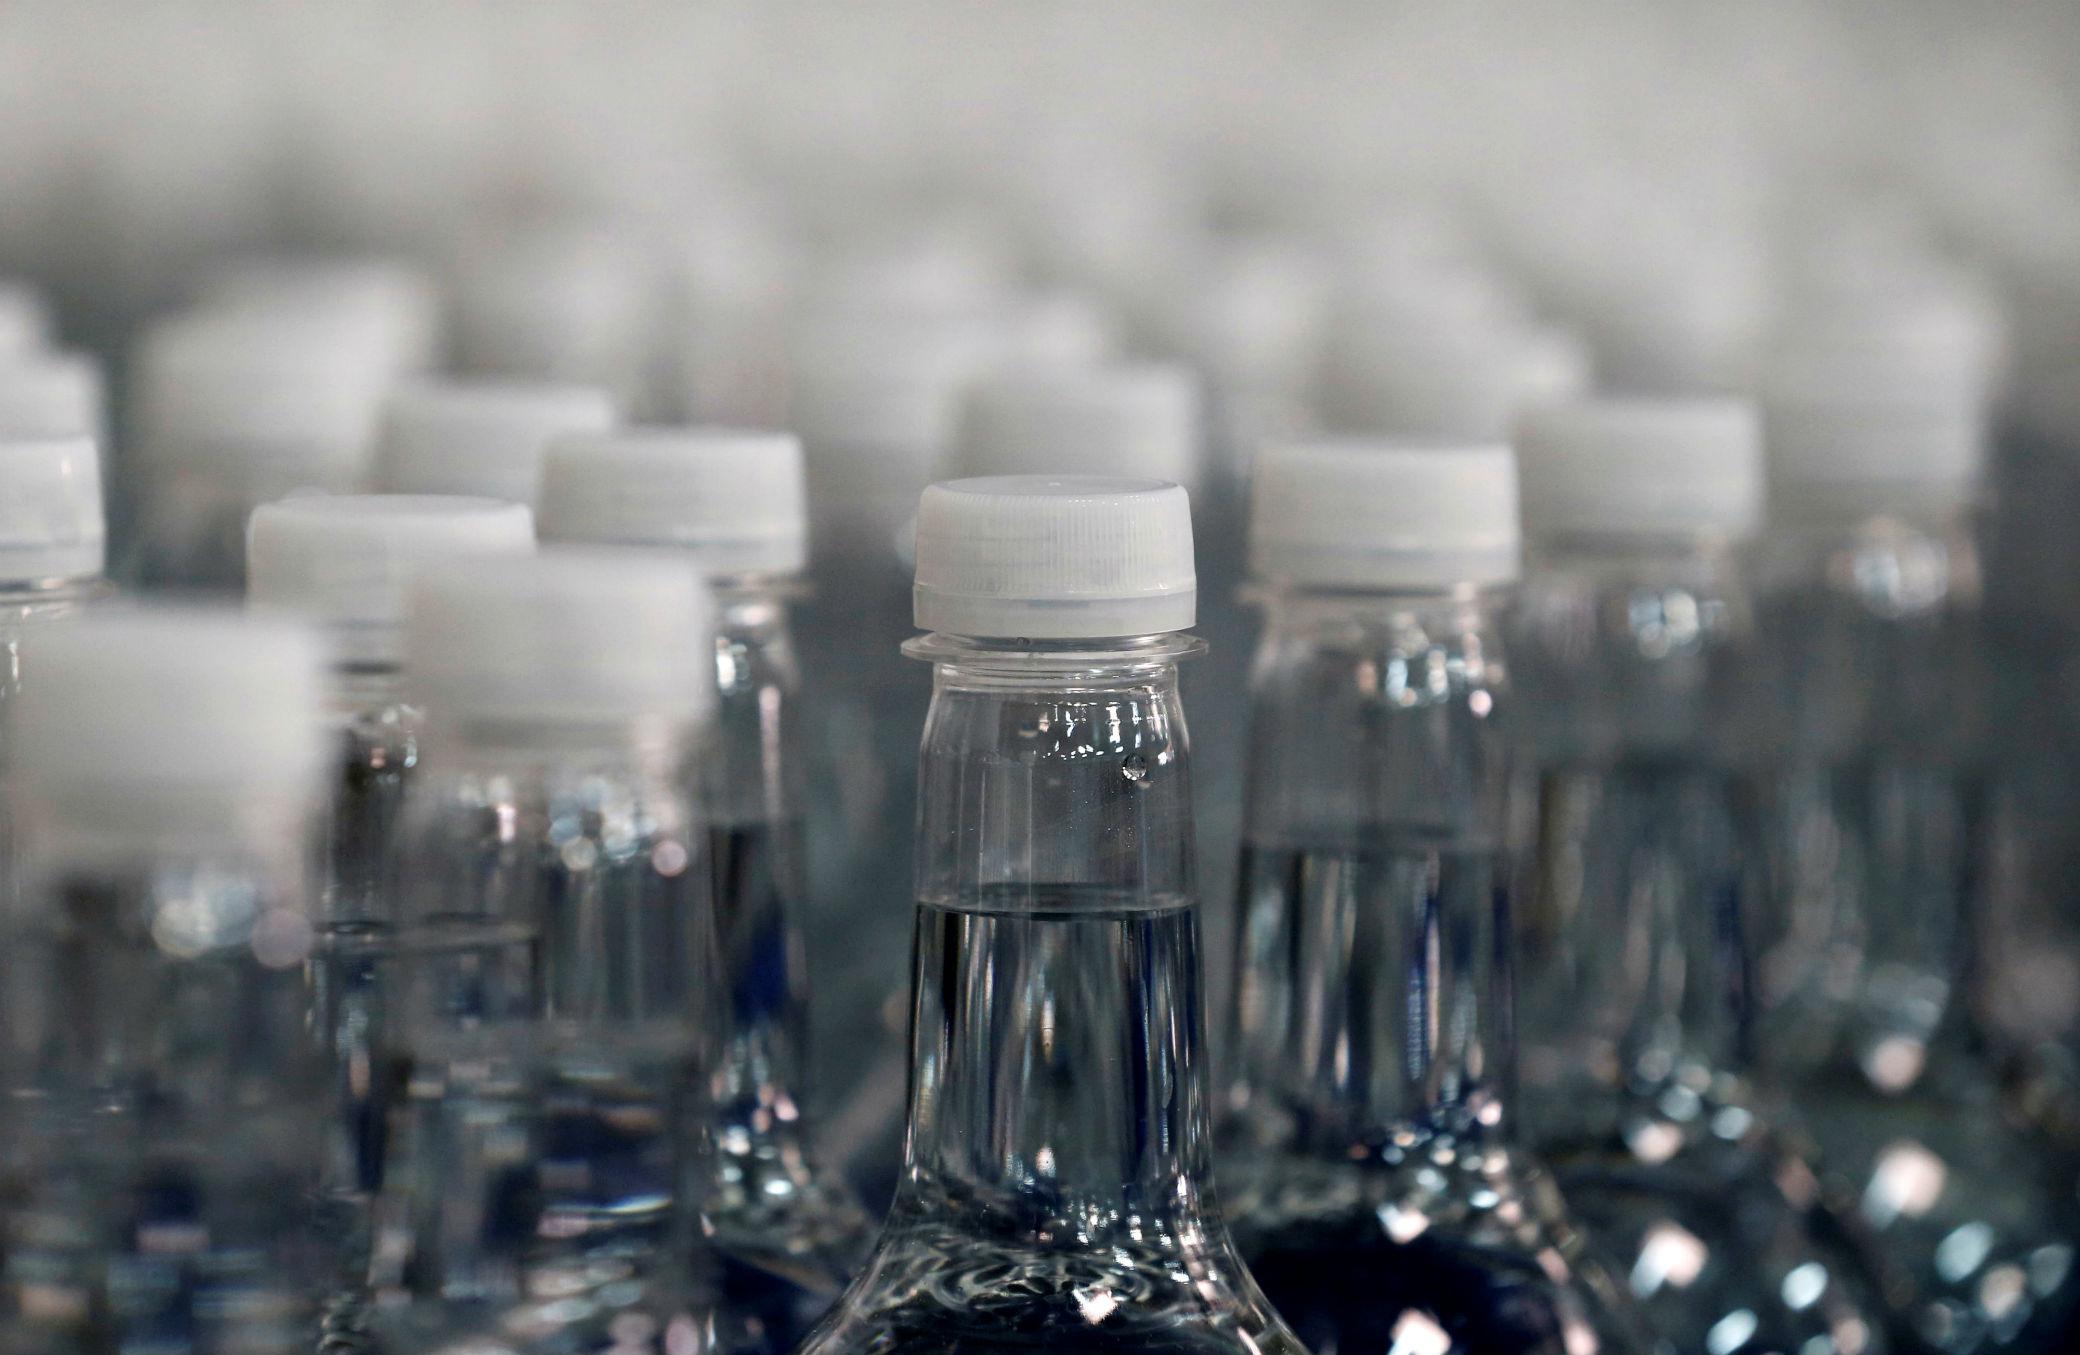 Audacieuse La première bouteille en plastique bio-recyclé voit le jour OC-39